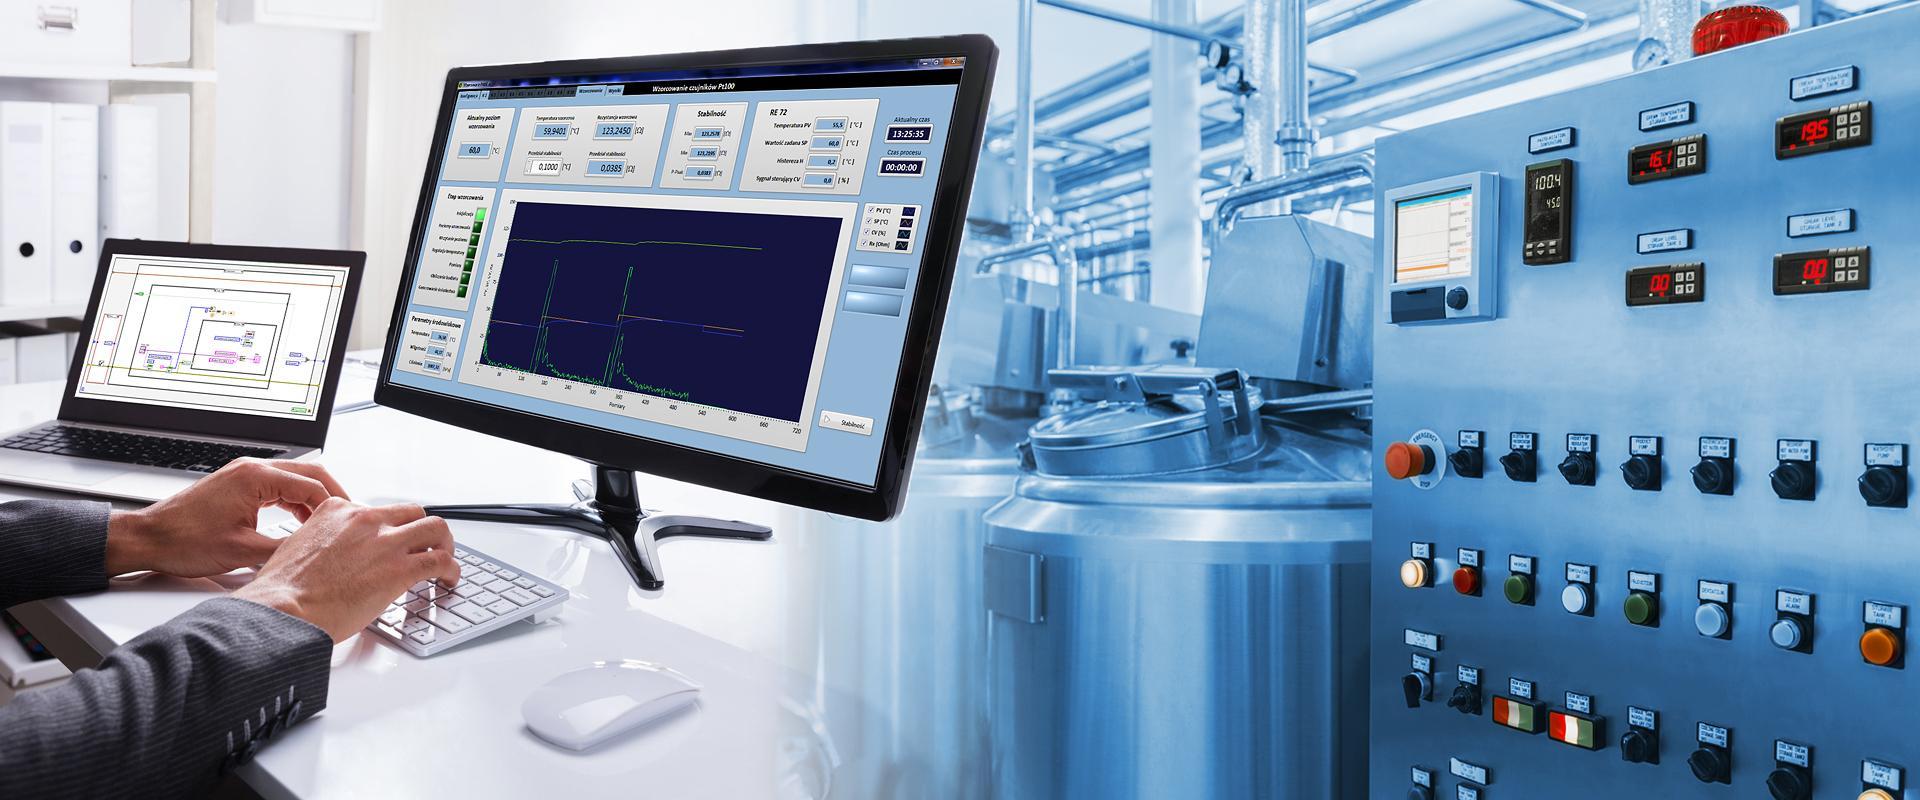 EGZO SOFT - strona internetowa firmy zajmującej się tworzeniem oprogramowania do komputerowych systemów pomiarowo-sterujących